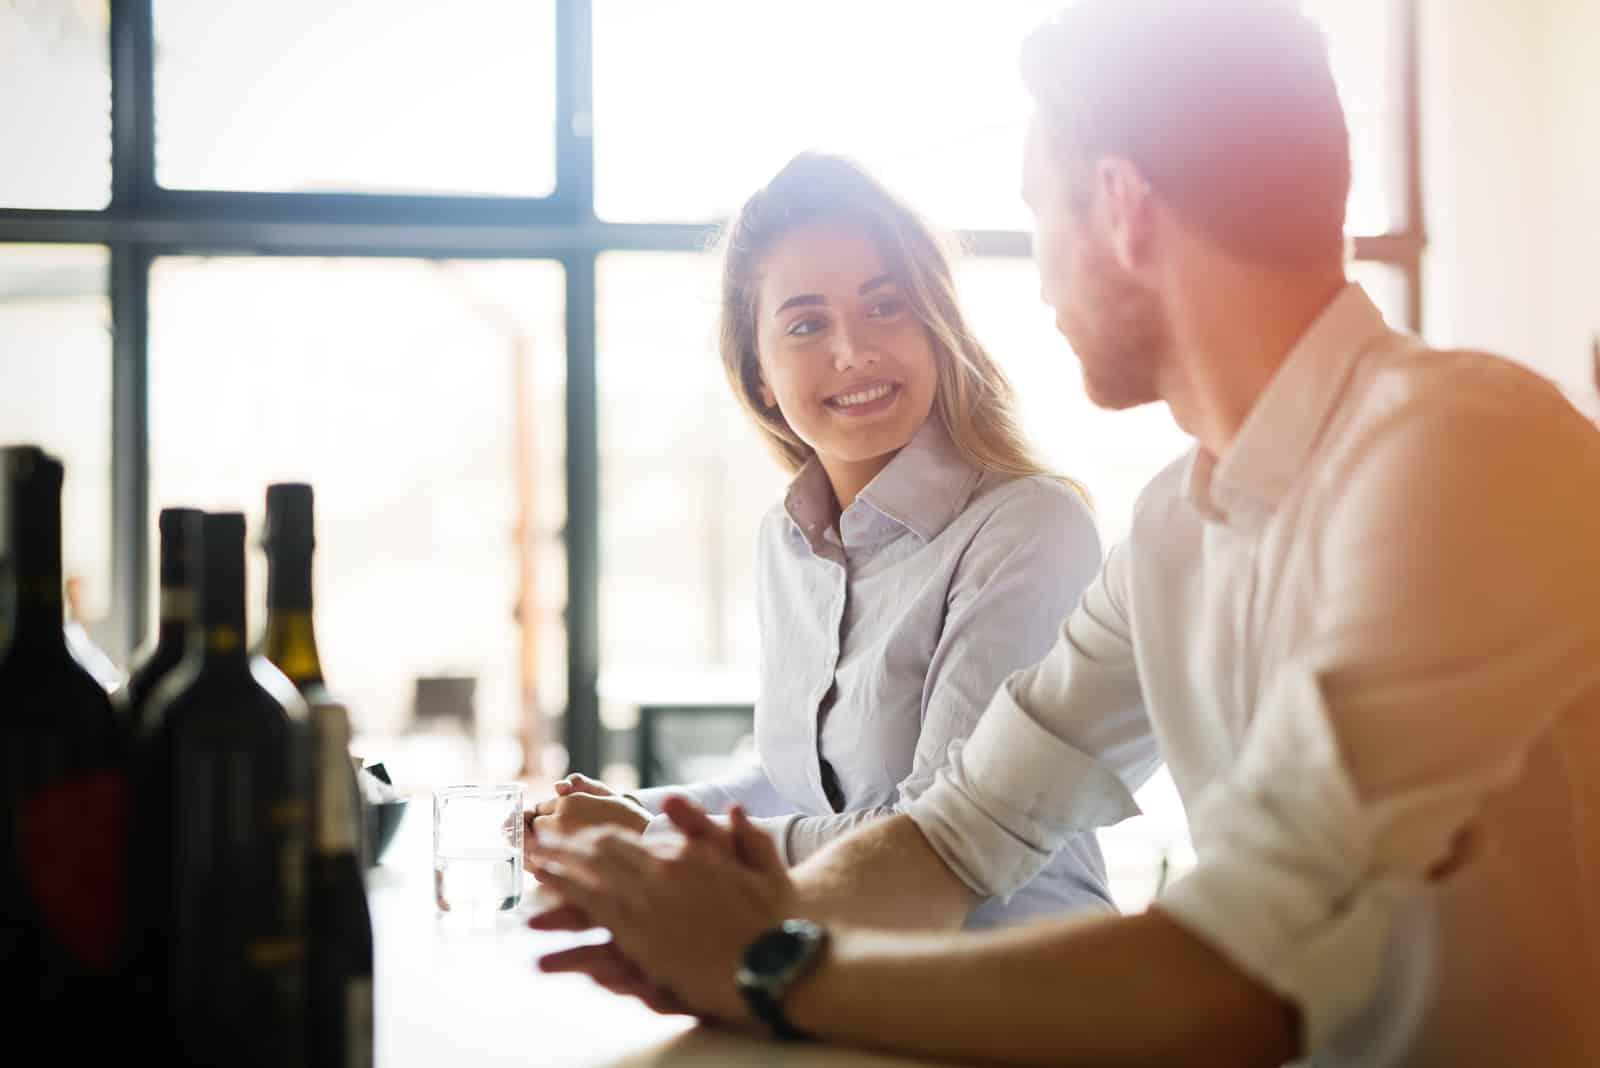 Glückliche Geschäftskollegen, die sich im Restaurant verabreden